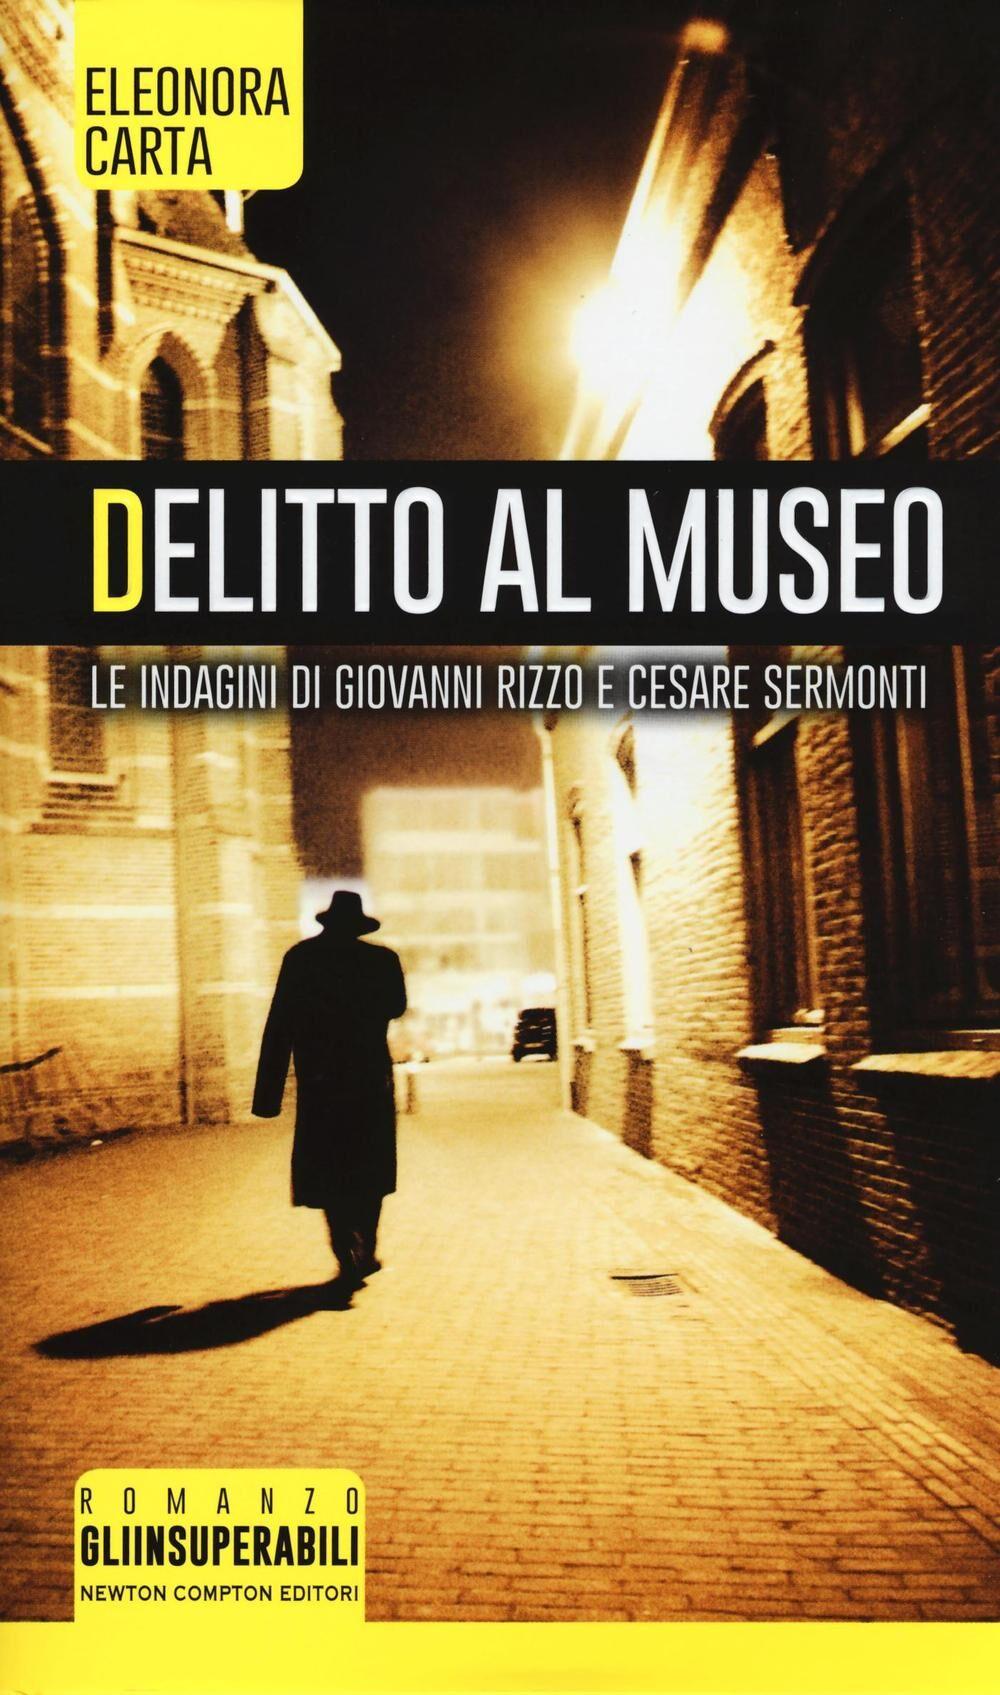 Delitto al museo. Le indagini di Giovanni Rizzo e Cesare Sermonti